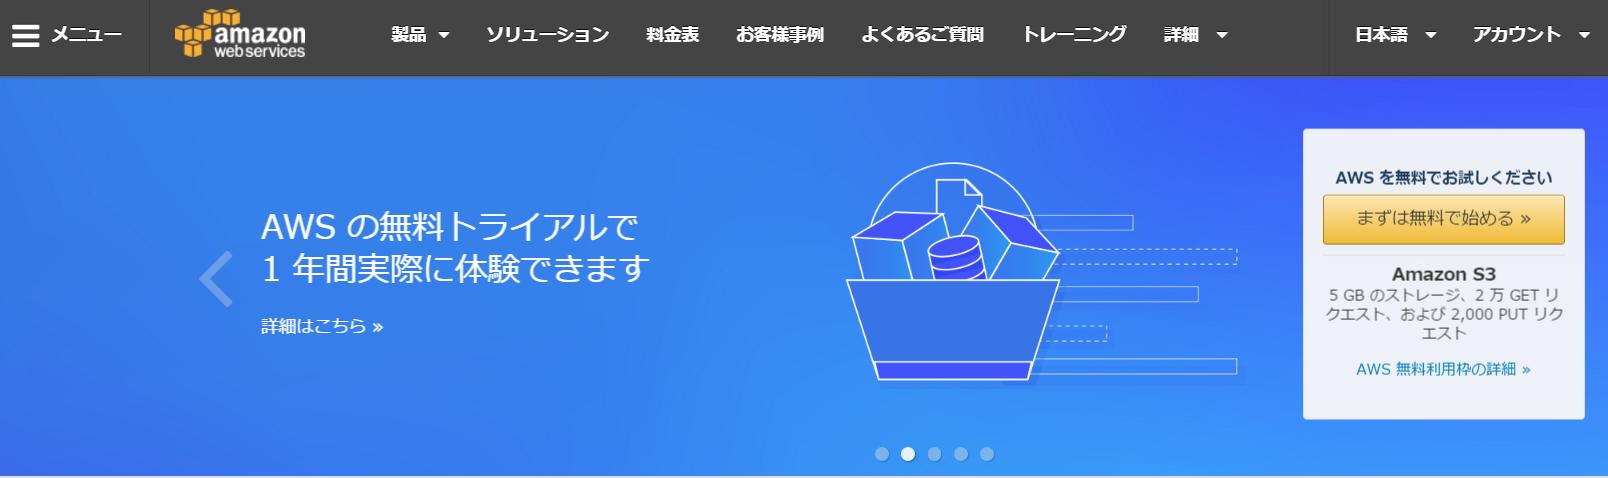 AWS-amazon-web-services-アマゾン-ウェブ-サービス-ホームページ